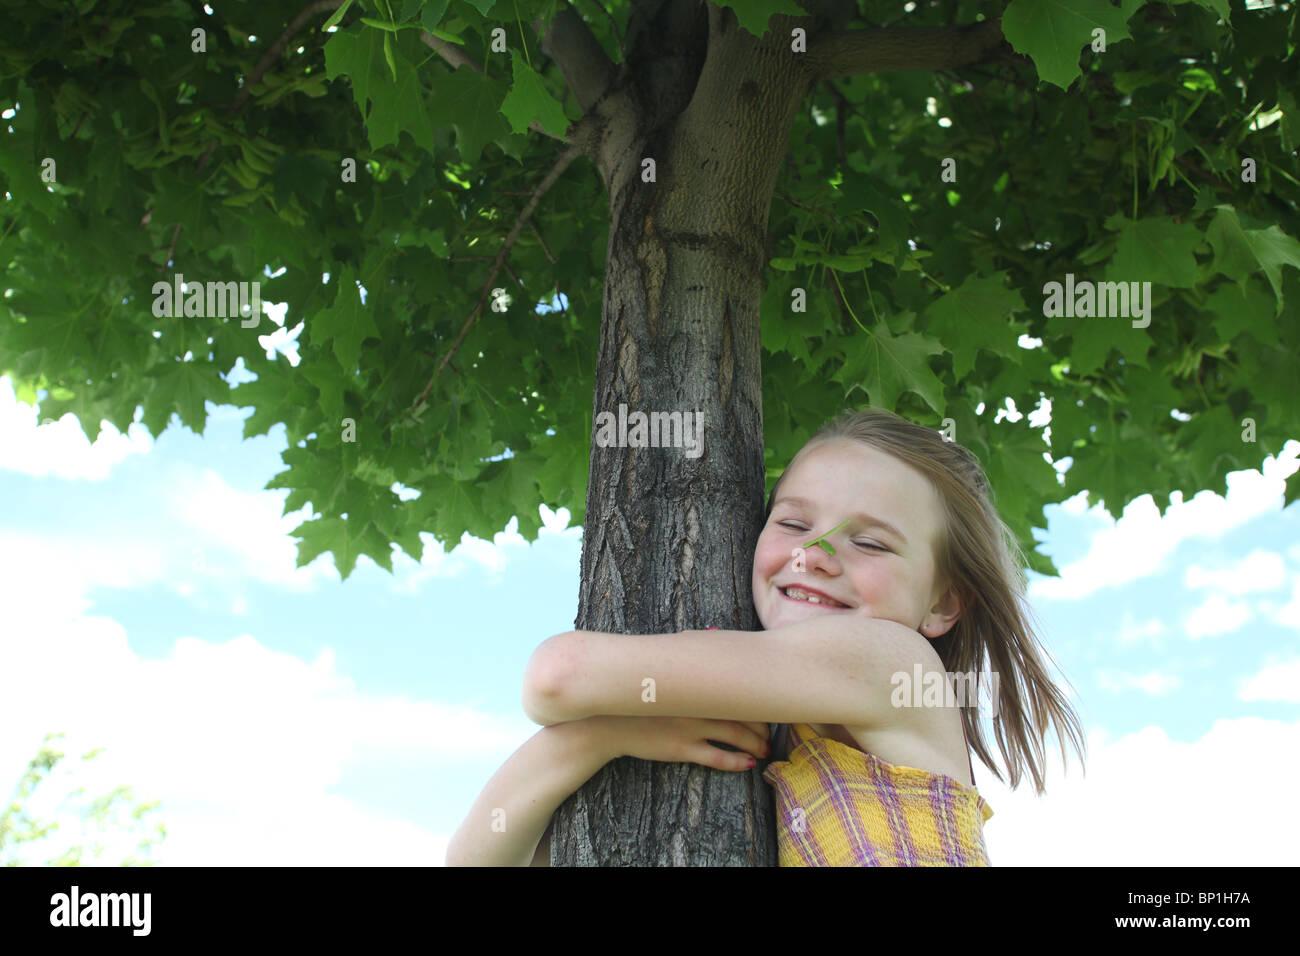 Mädchen umarmt Ahornbaum Stockbild